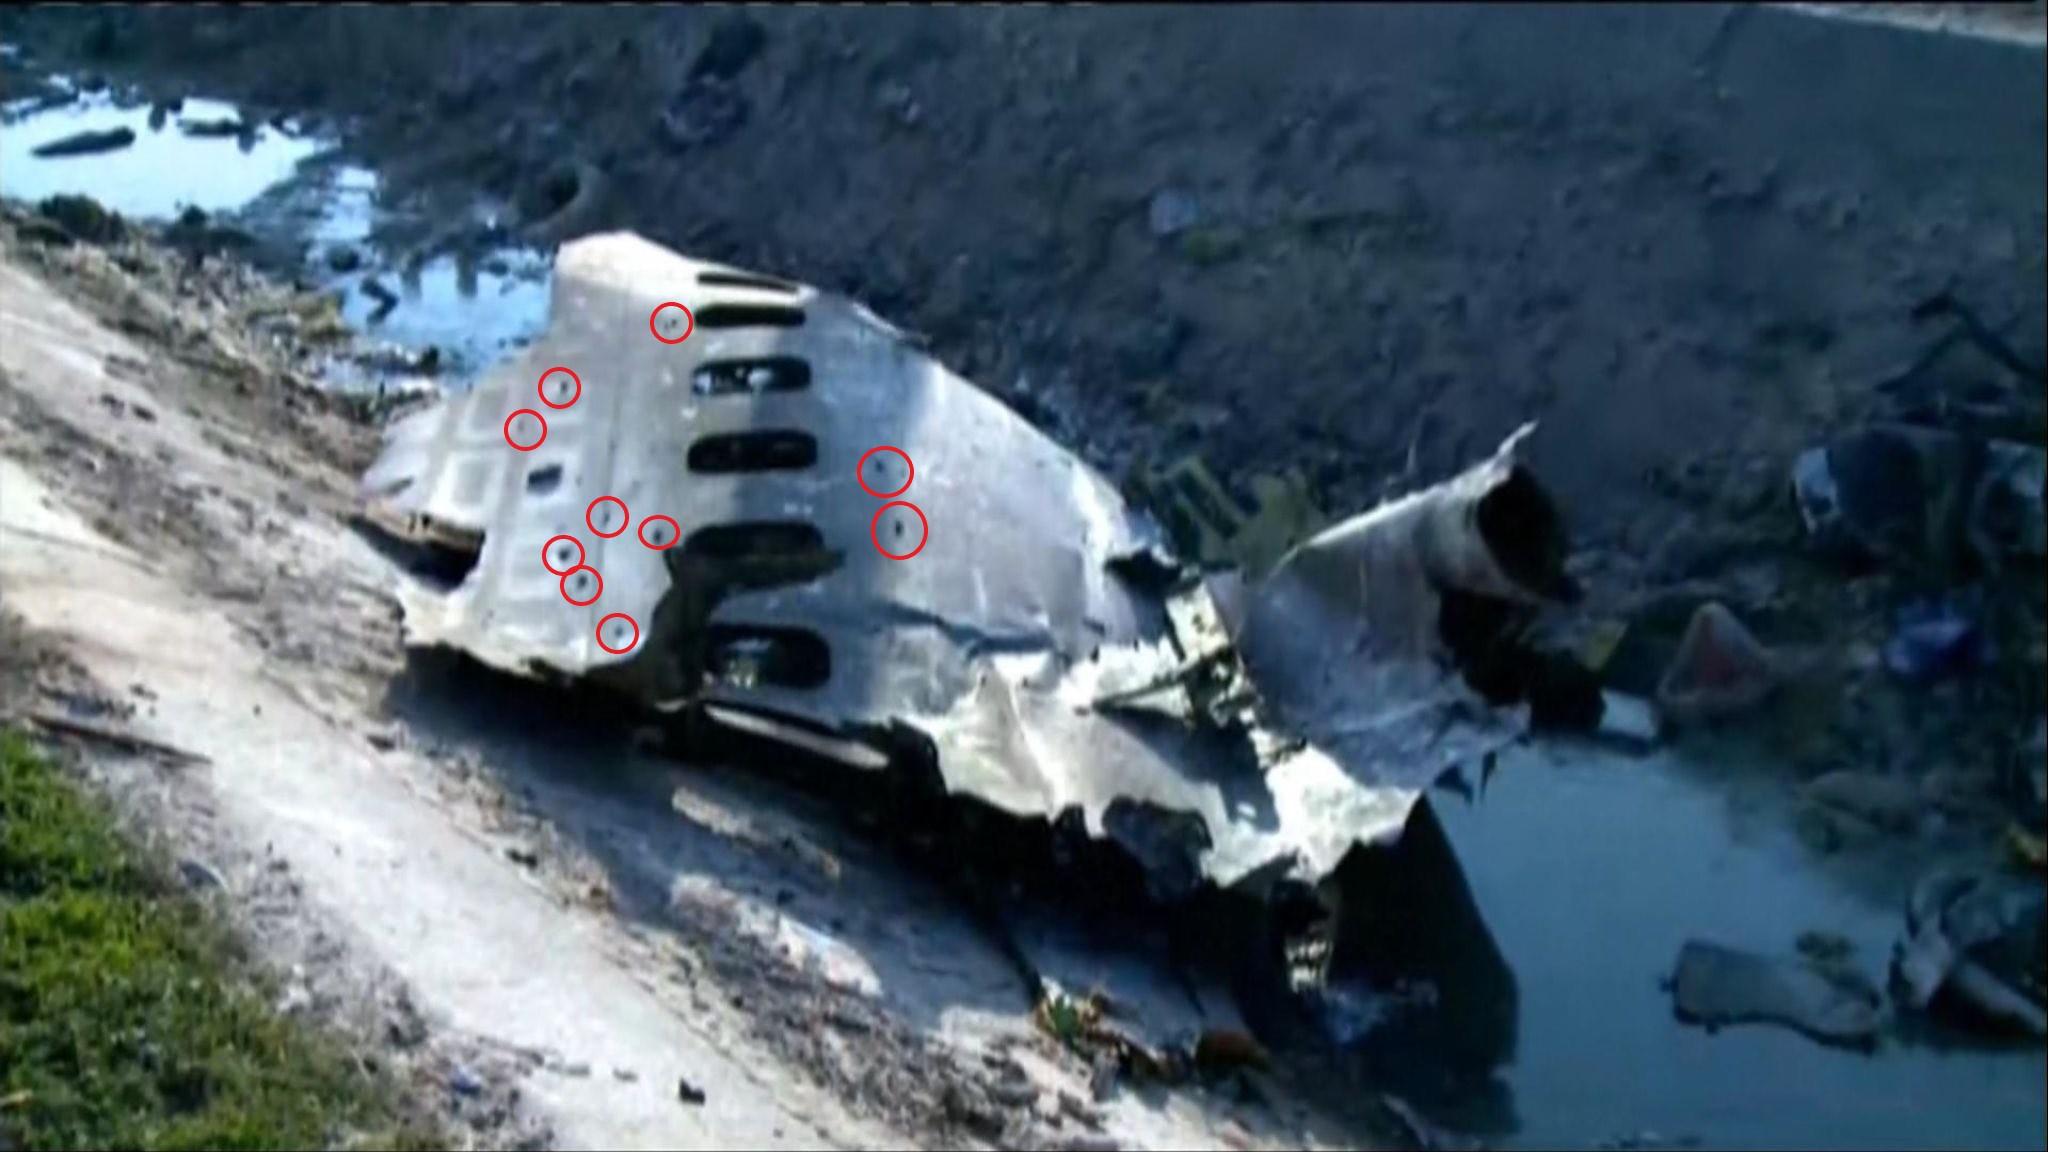 За попередньою інформацією, причина катастрофи - аварія двигуна. Версія теракту відкидається, - посольство України в Ірані - Цензор.НЕТ 4930